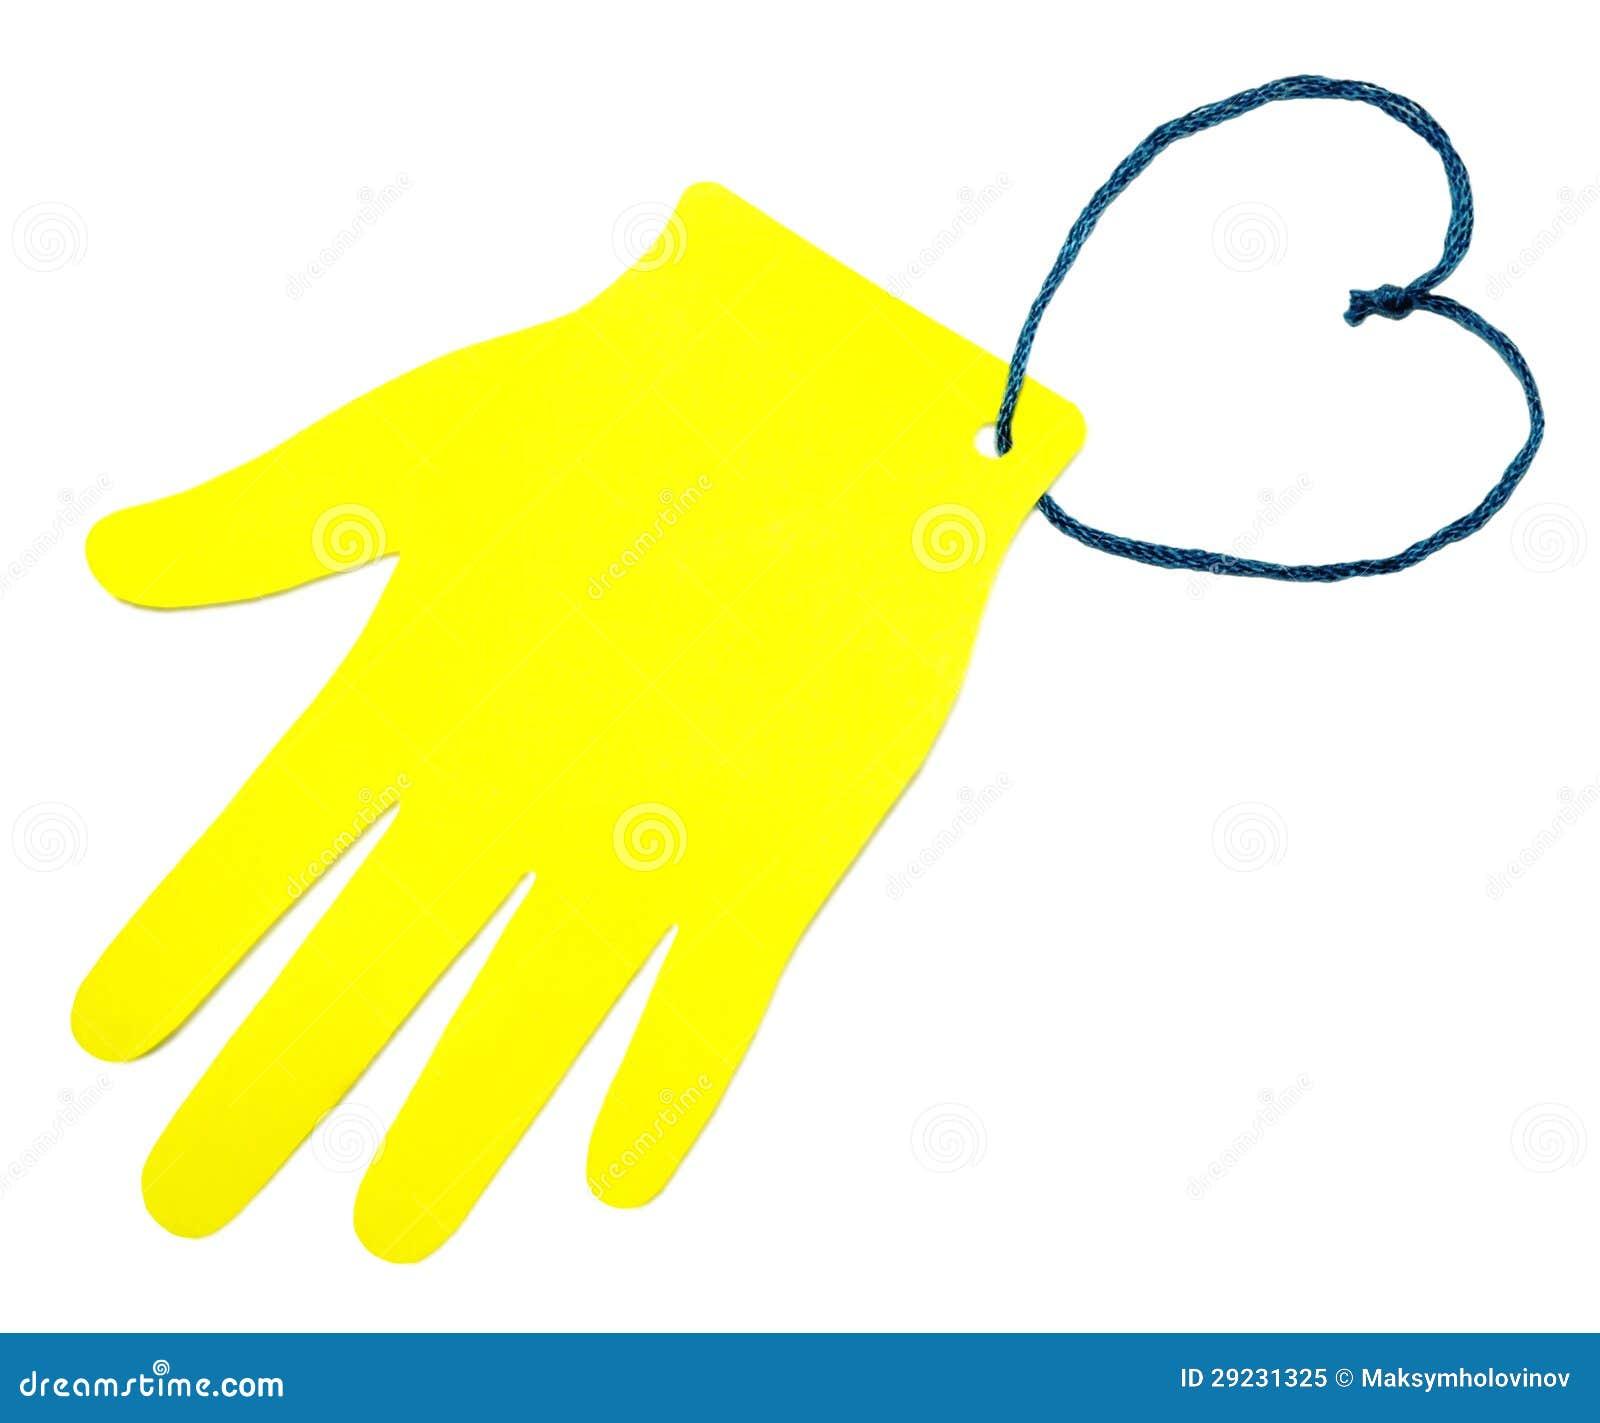 Download A palma do papel amarelo imagem de stock. Imagem de papel - 29231325